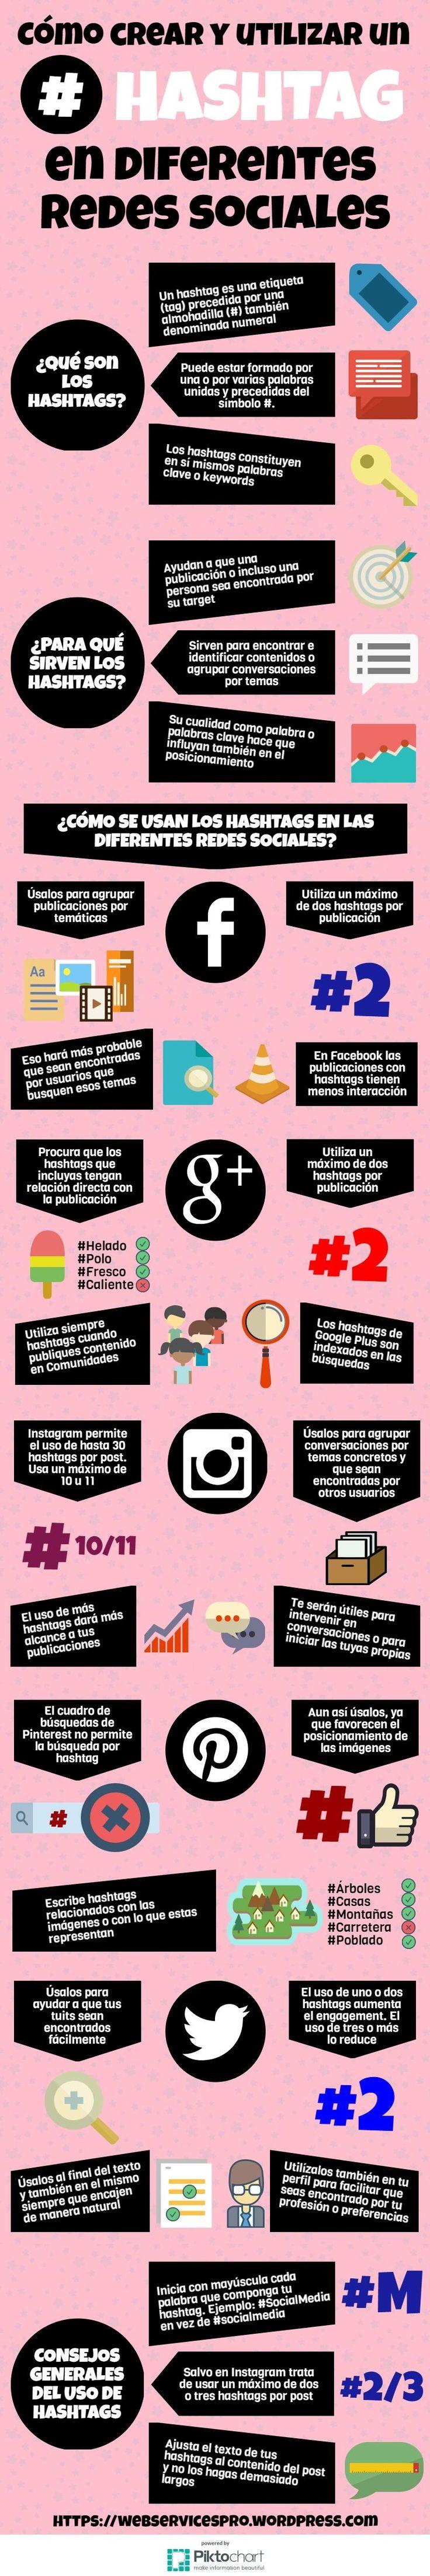 como-escribir-y-utilizar-hashtags-en-las-principales-redes-sociales #Hashtags #CrearHashtags #UsarHashtags #Infografia #SocialMedia #RedesSociales